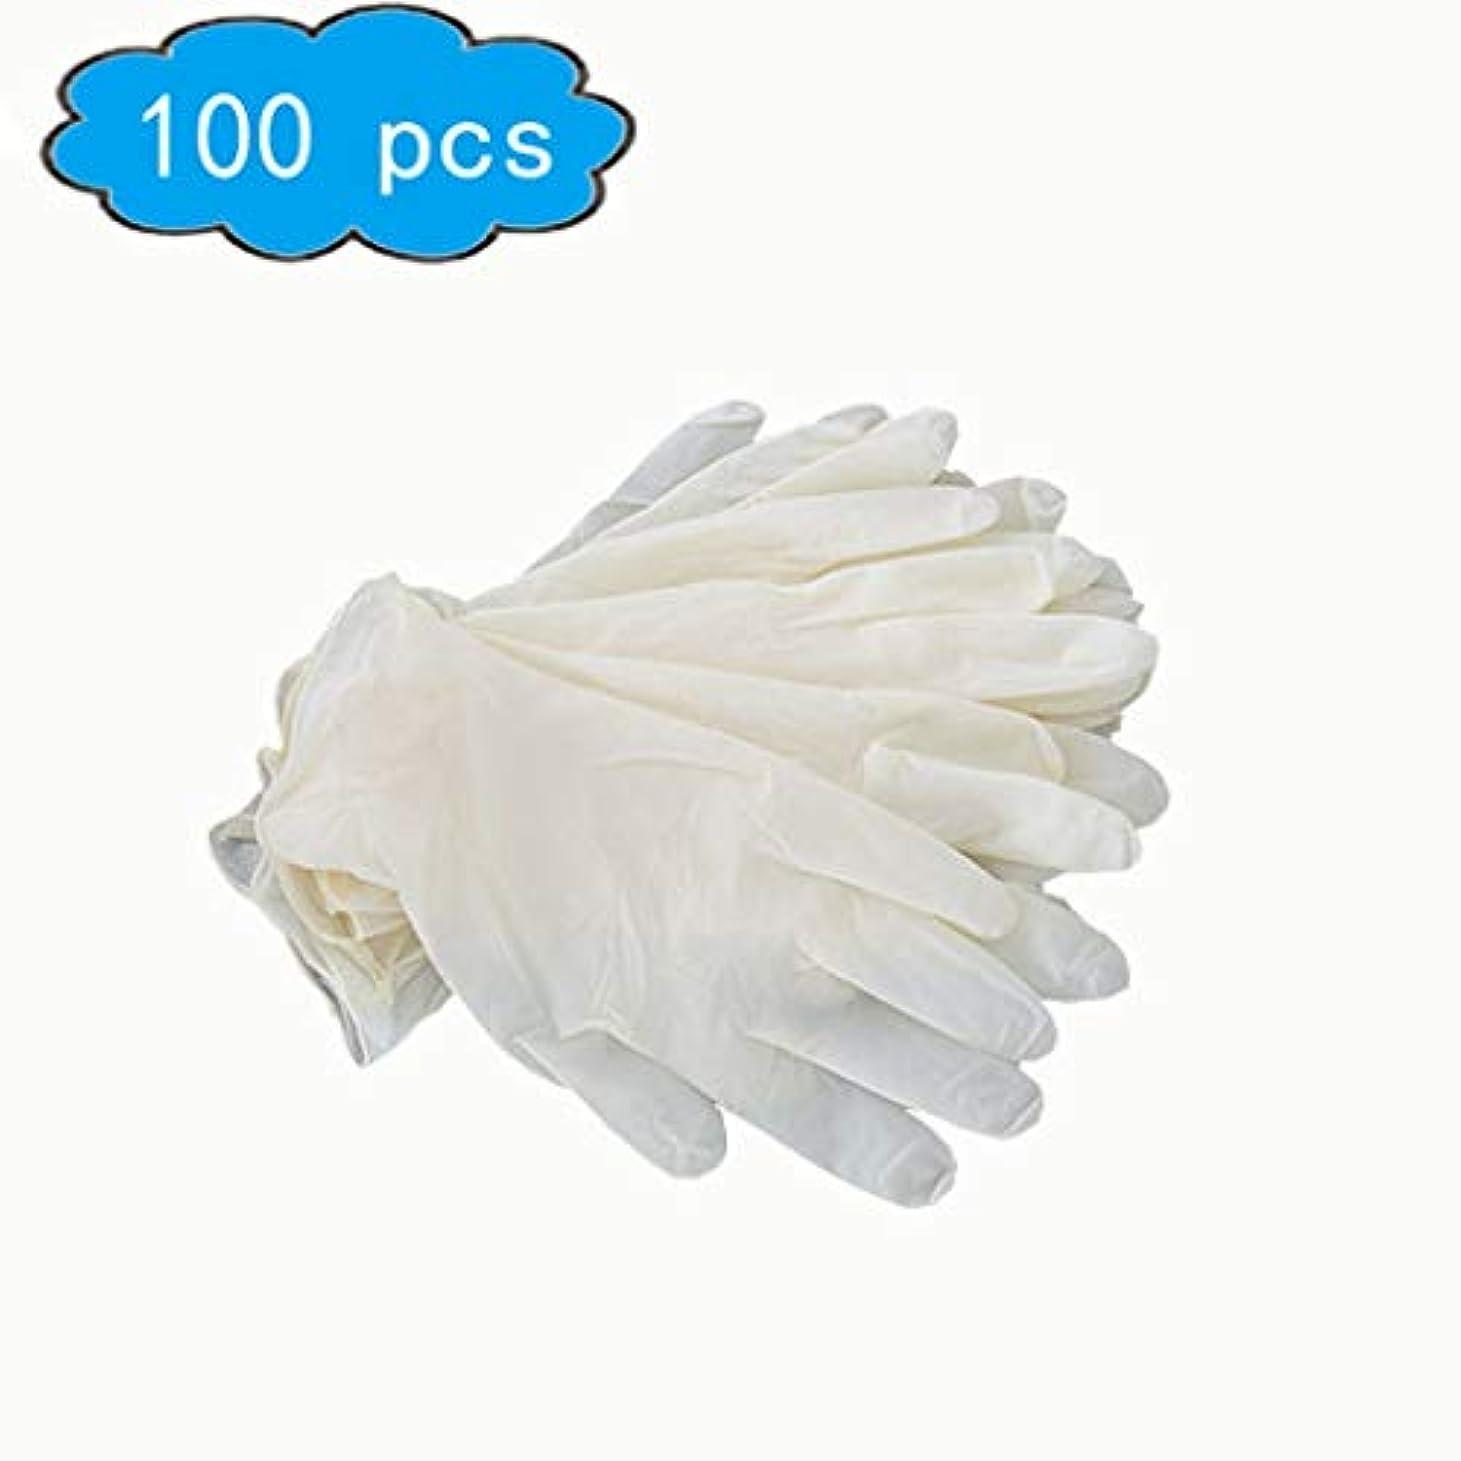 現実には遅らせる不利益ラテックスゴム手袋パウダーフリー/使い捨て食品調理用手袋/キッチンフードサービスクリーニンググローブサイズ中型、100個入り、応急処置用品 (Color : Beige, Size : L)